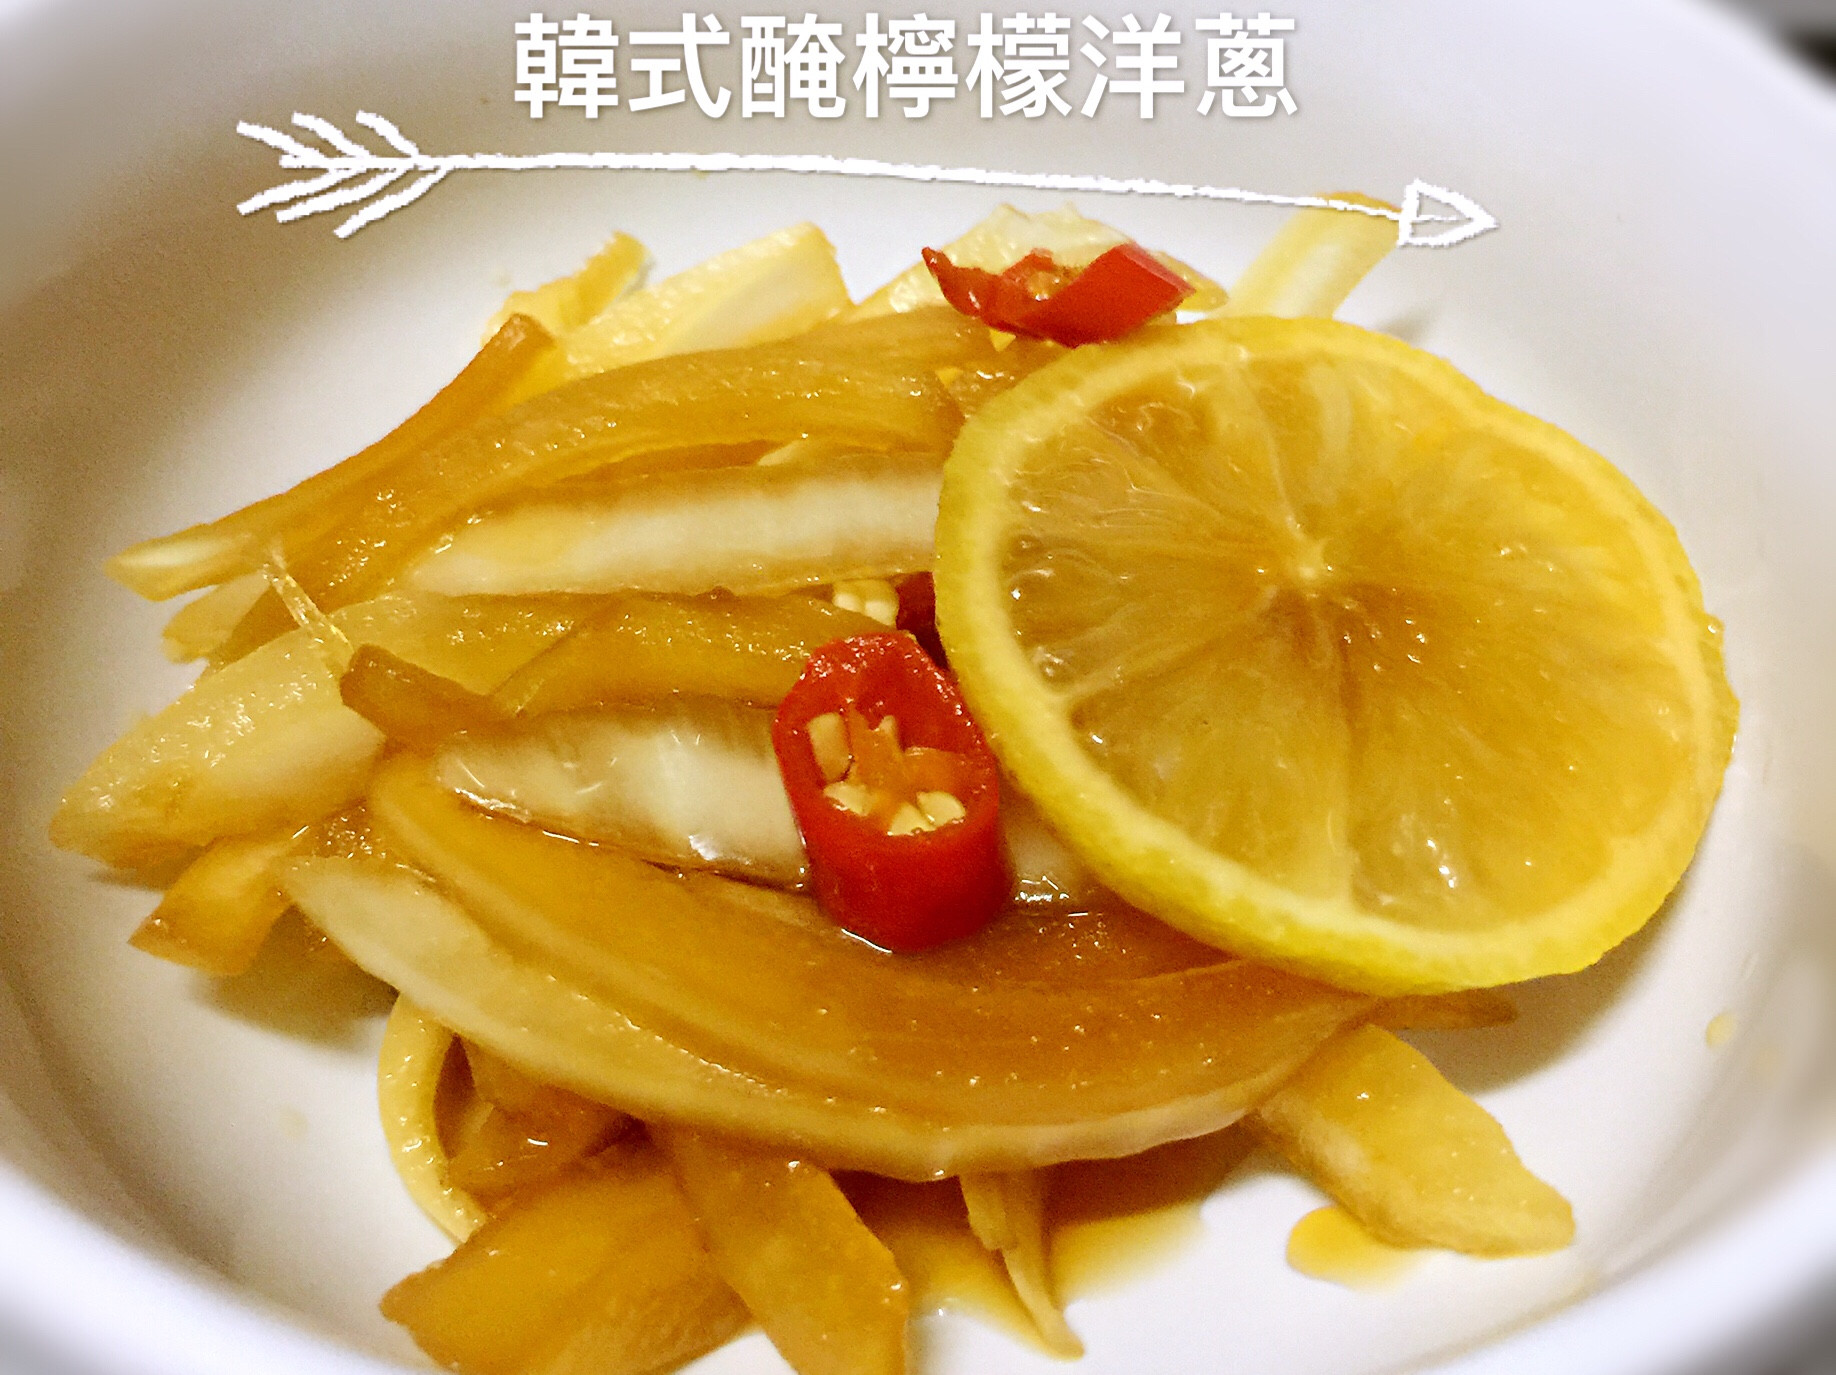 韓式醃檸檬洋蔥